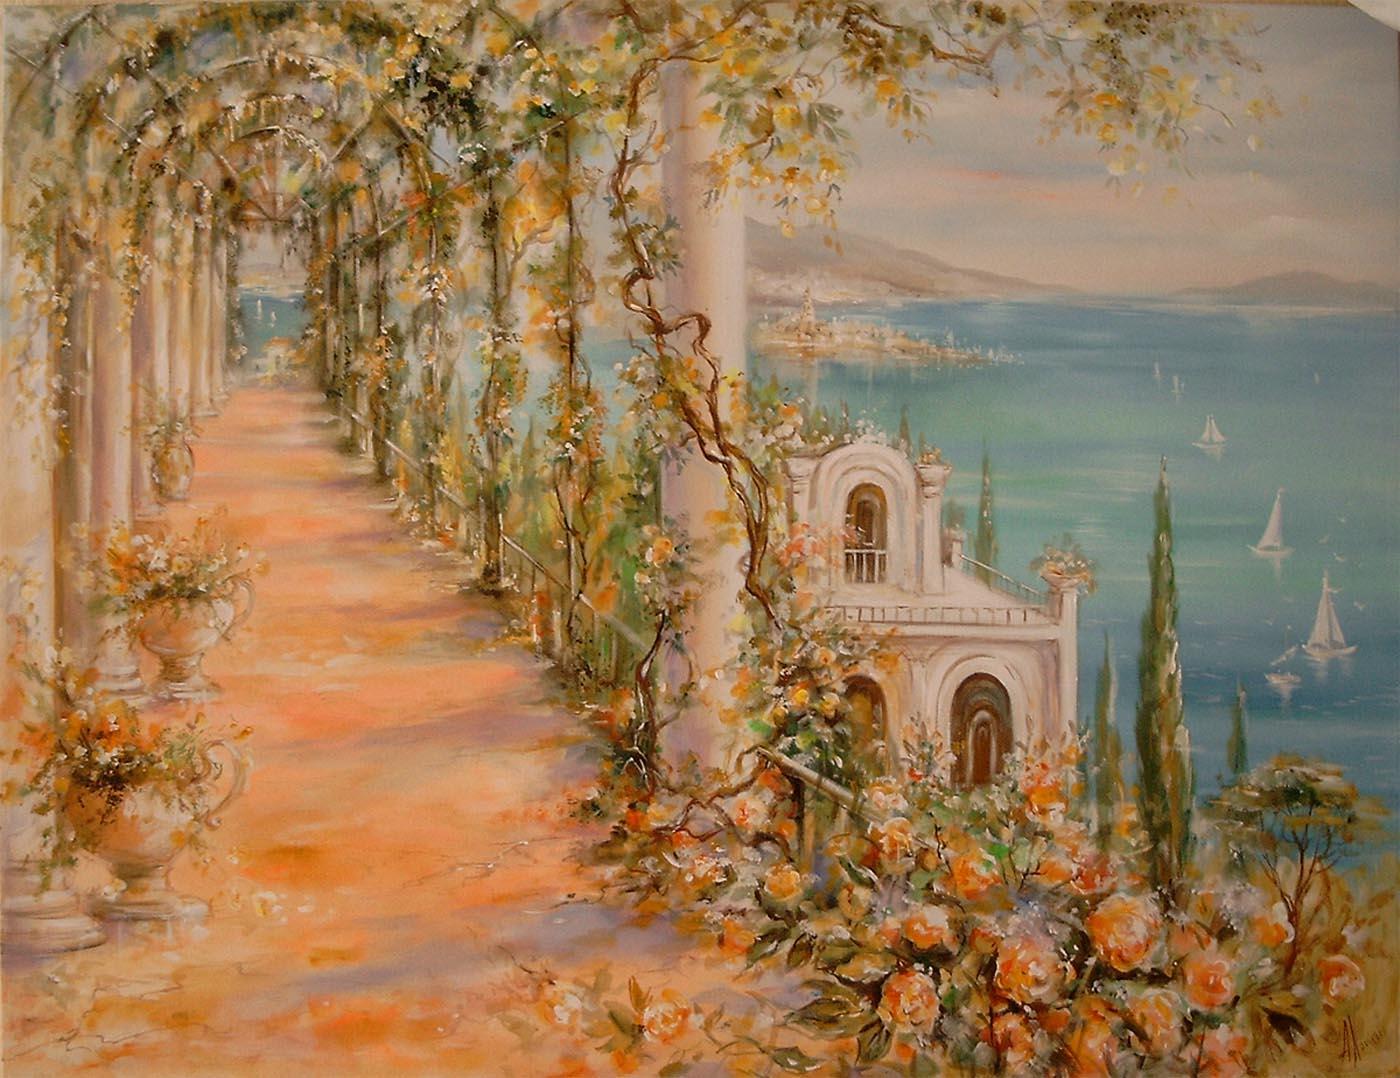 Mediterrane Gemälde index mediterrane malerei